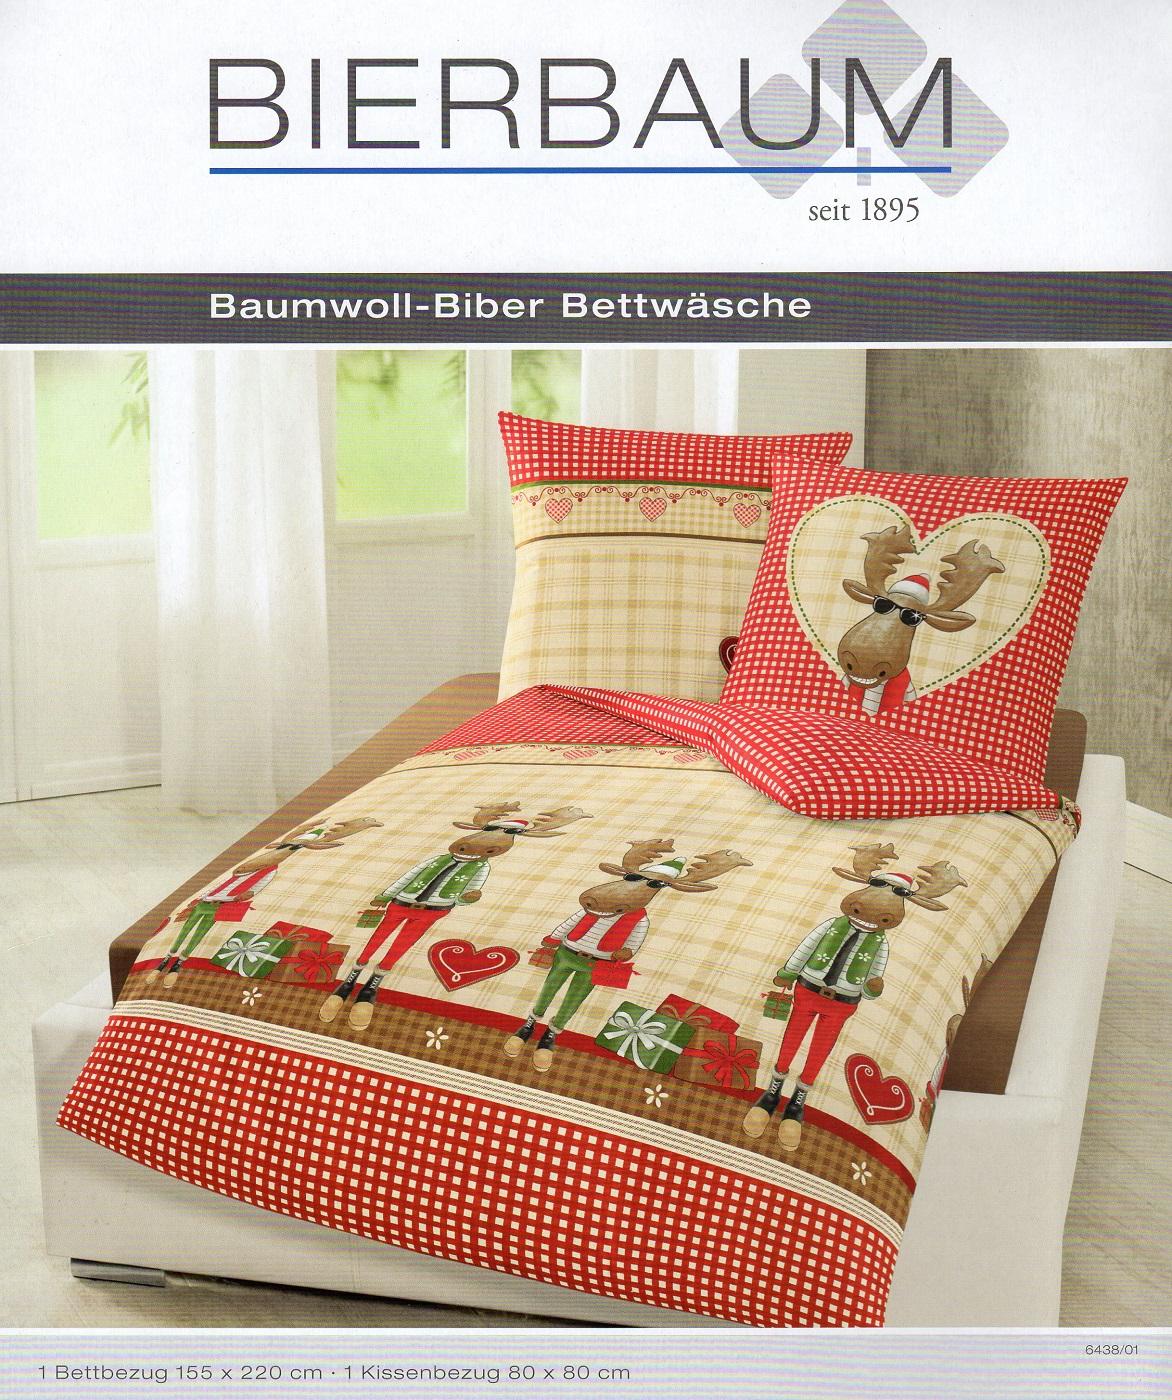 Full Size of Bierbaum Biber Bettwsche Lustiger Elch 155 220 Cm Baumwolle Bettwäsche Sprüche Lustige T Shirt T Shirt Wohnzimmer Lustige Bettwäsche 155x220